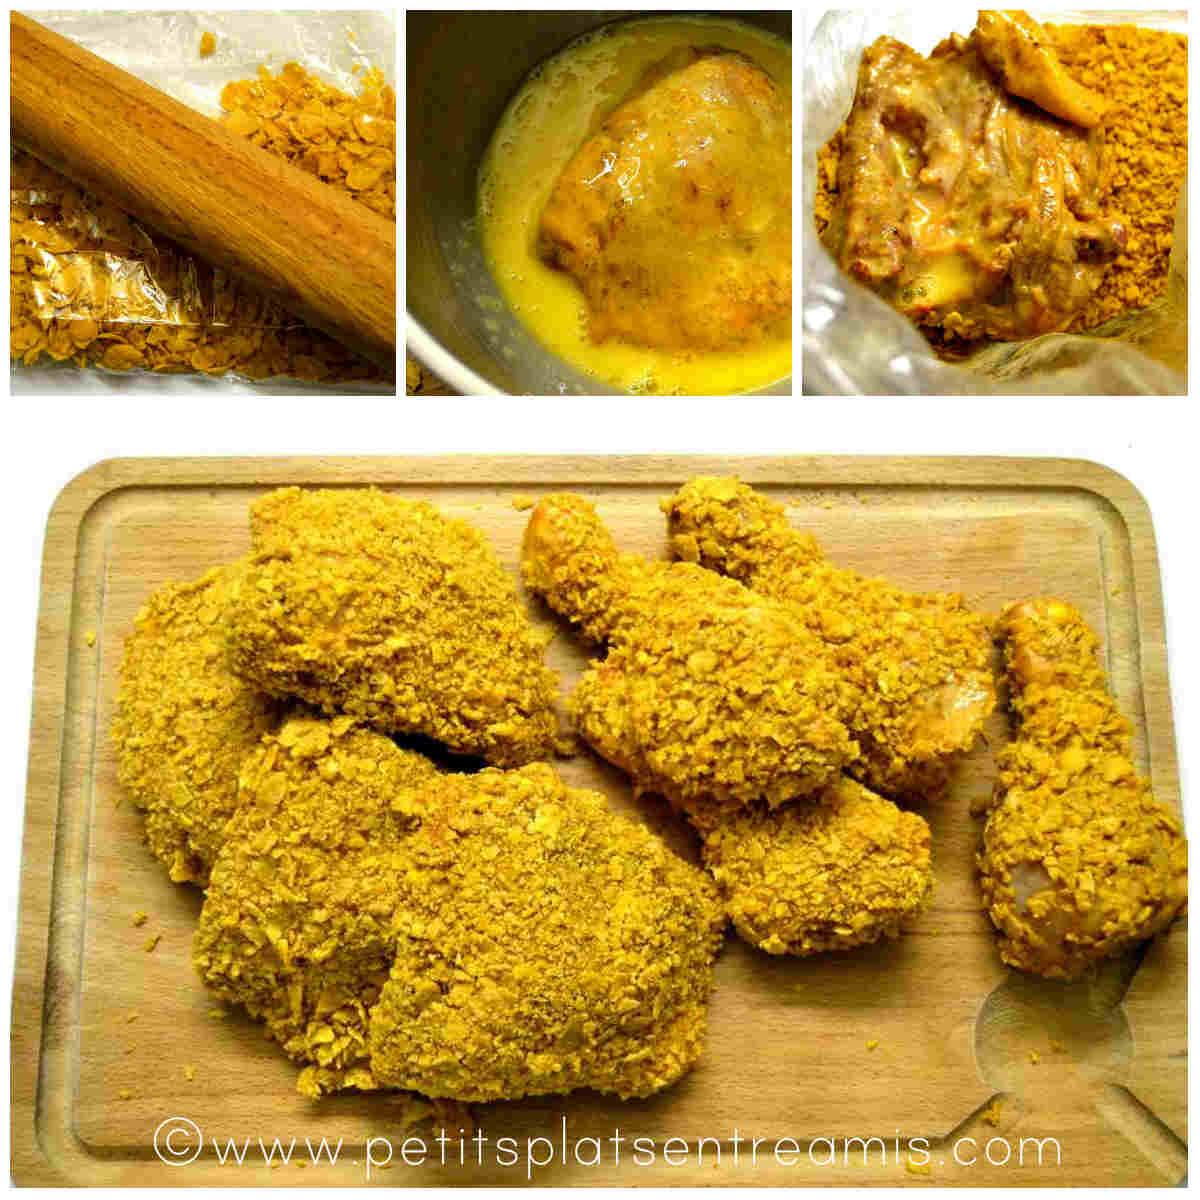 panure du poulet cajun